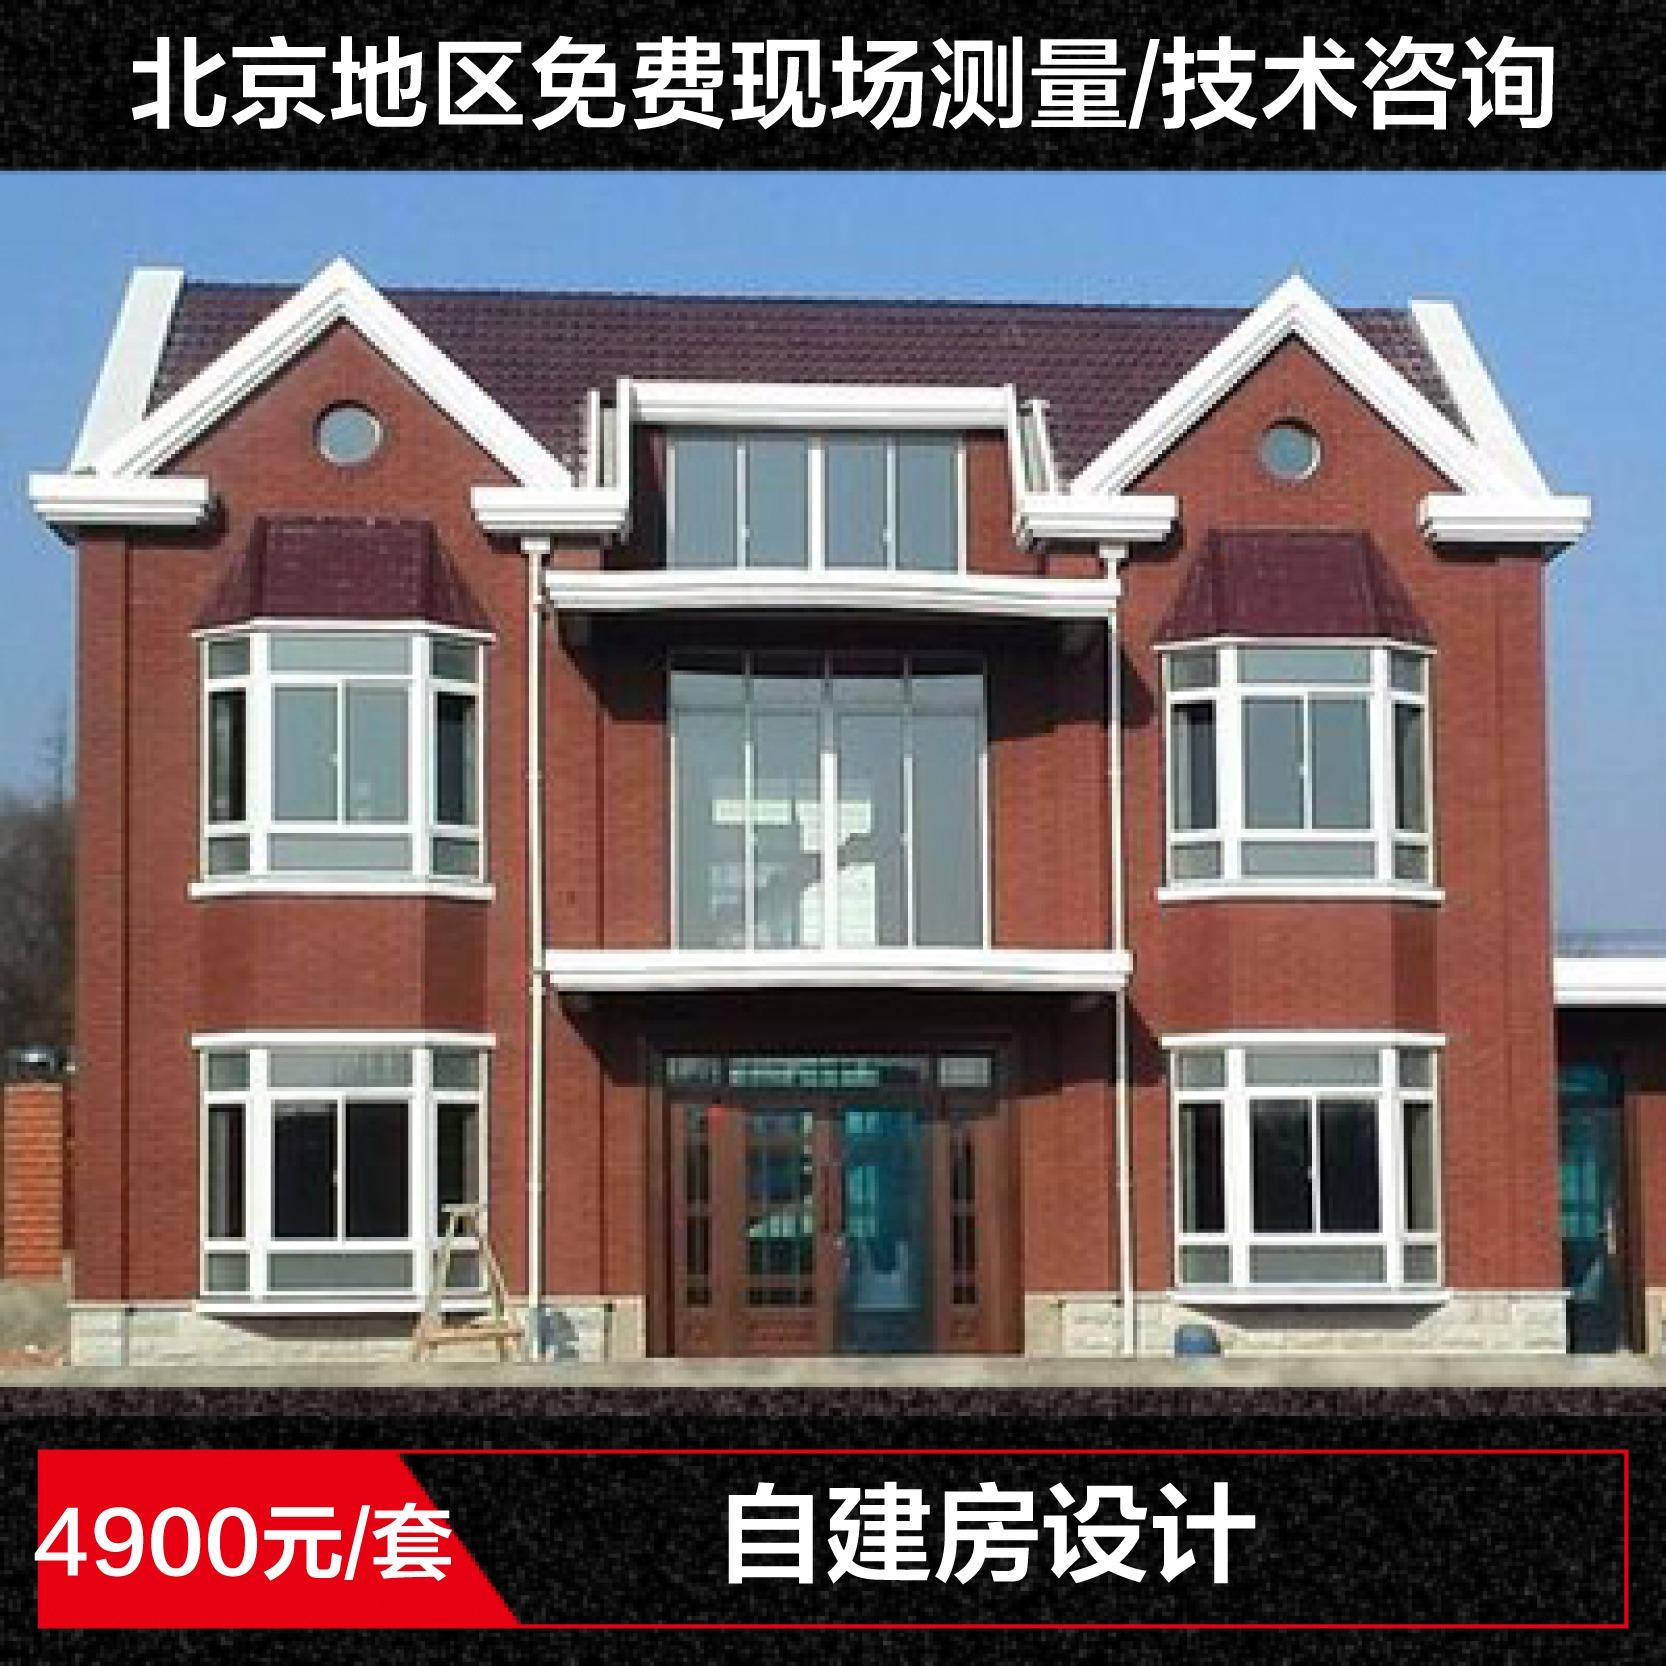 自建房设计,全套施工图 ,≤300平米收费,北京地区提供现场